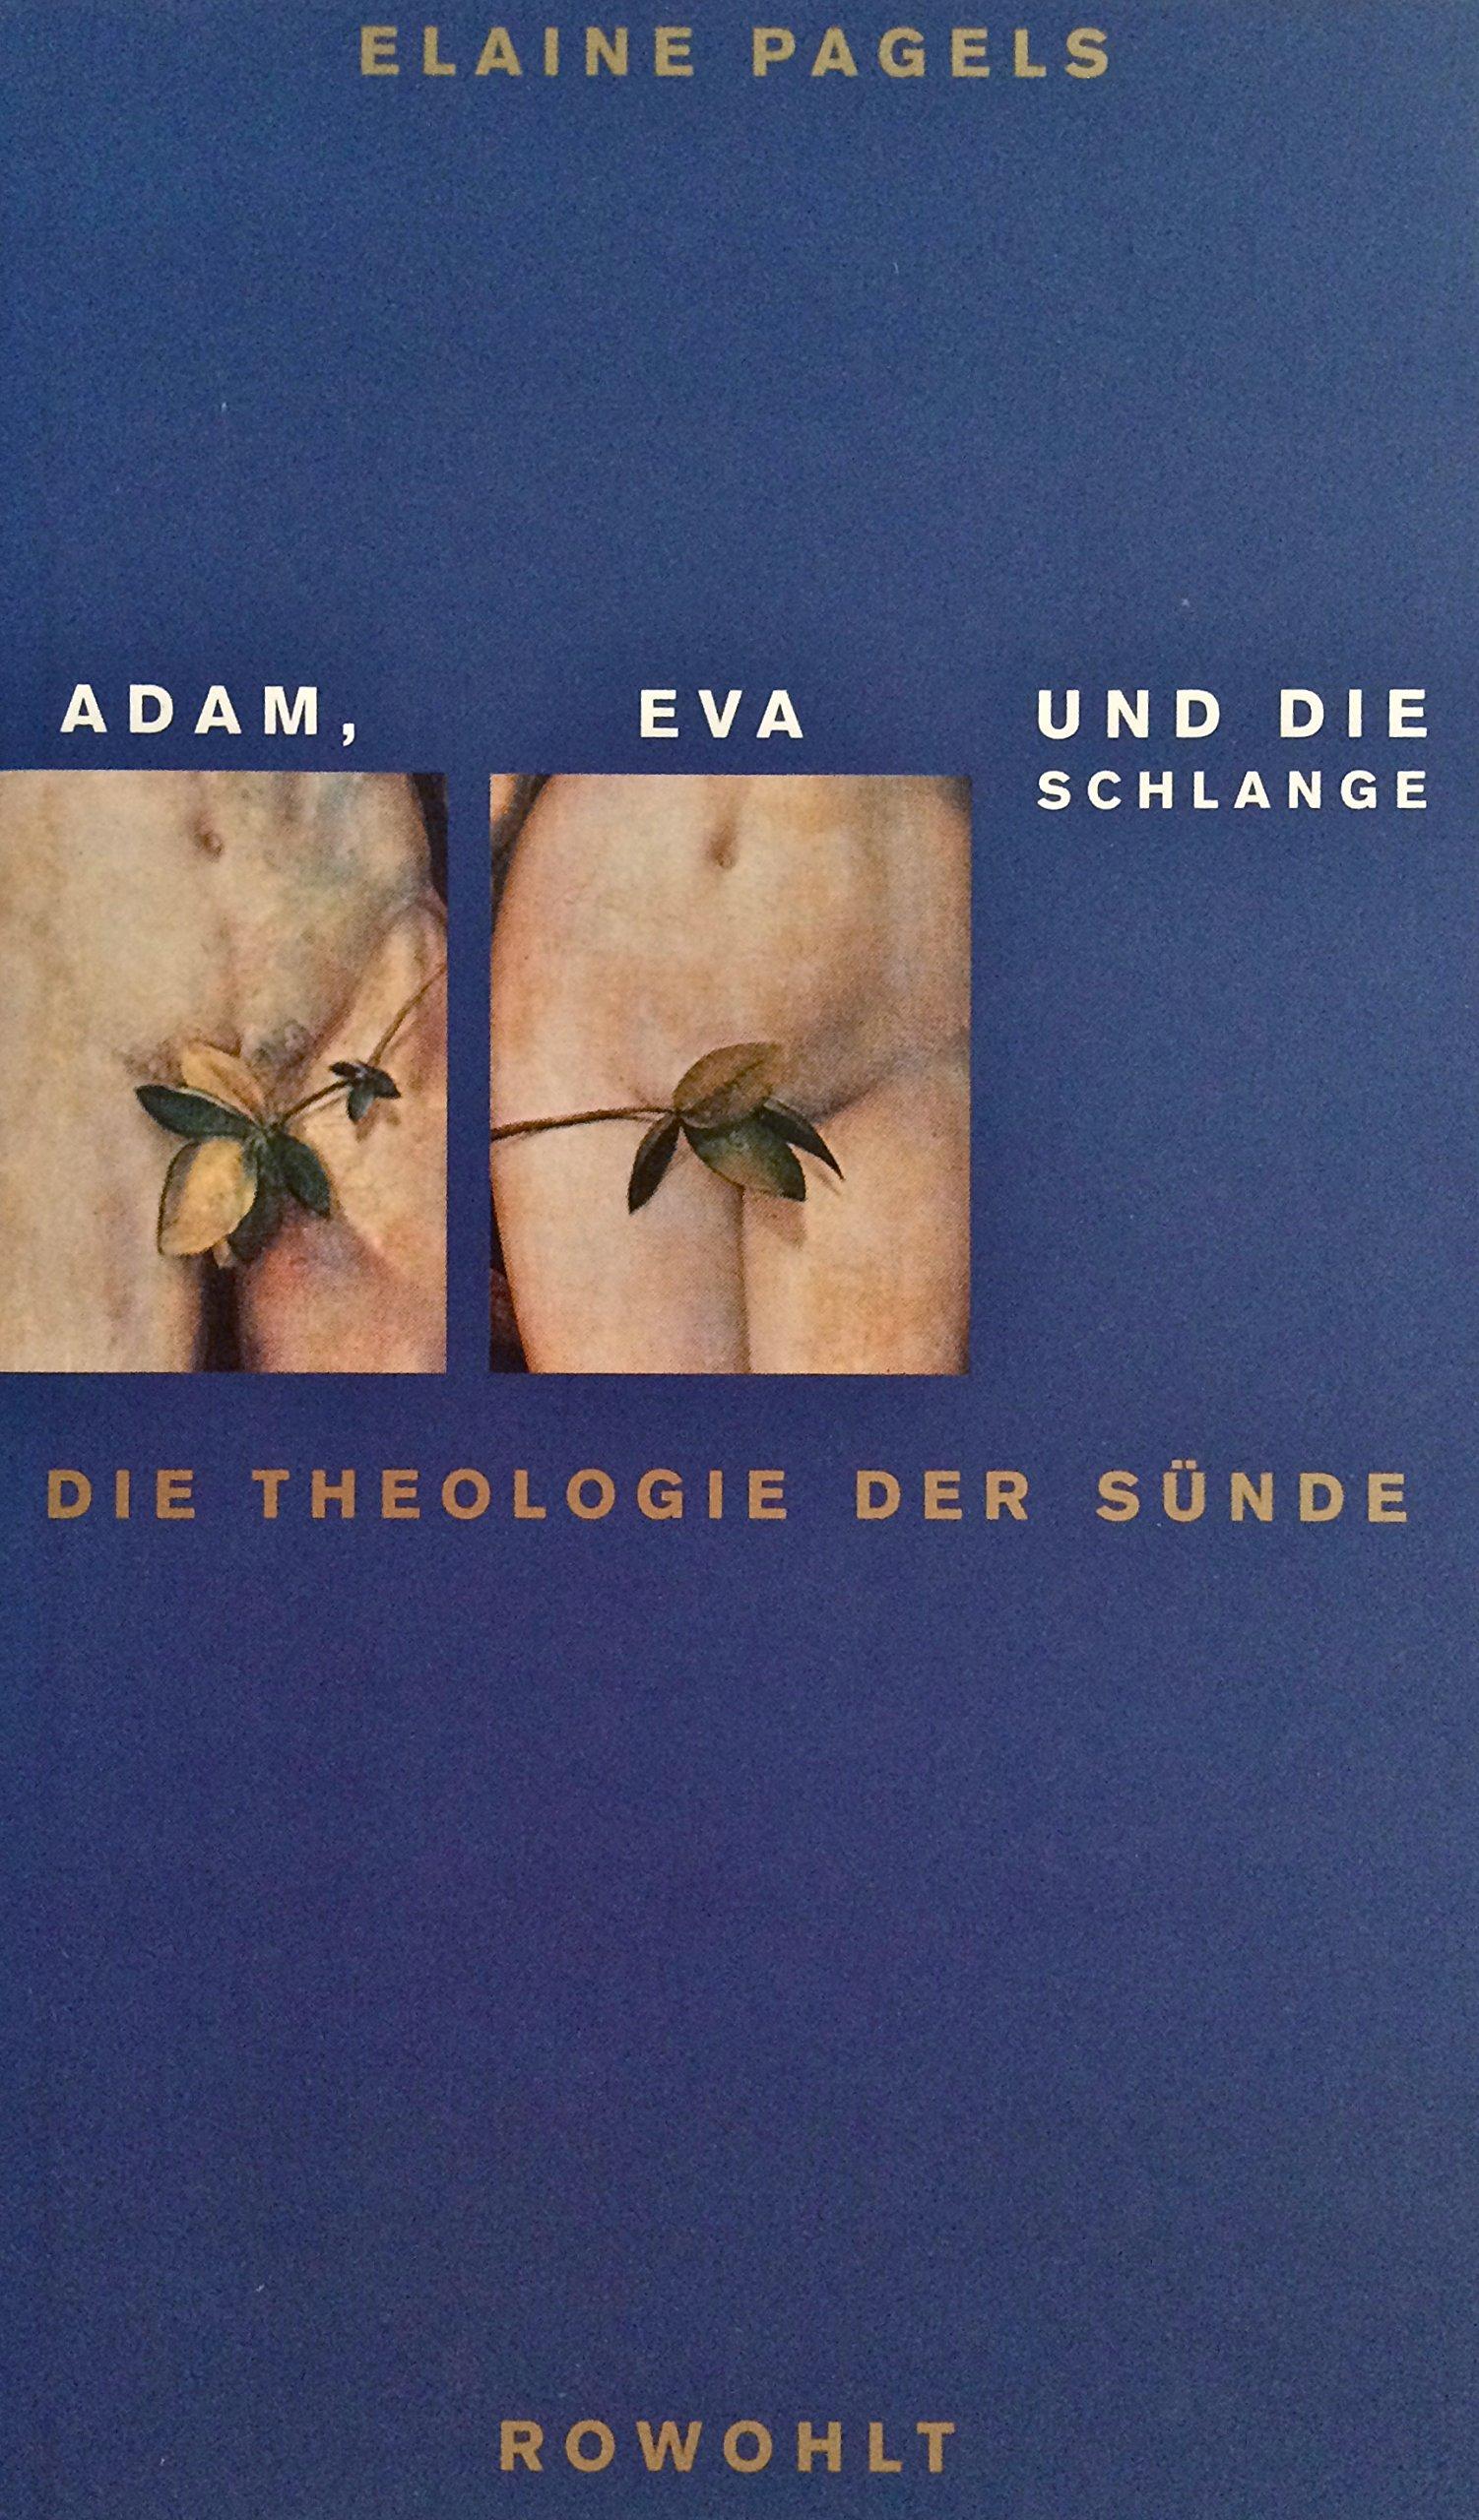 Adam, Eva und die Schlange. Die Theologie der Sünde